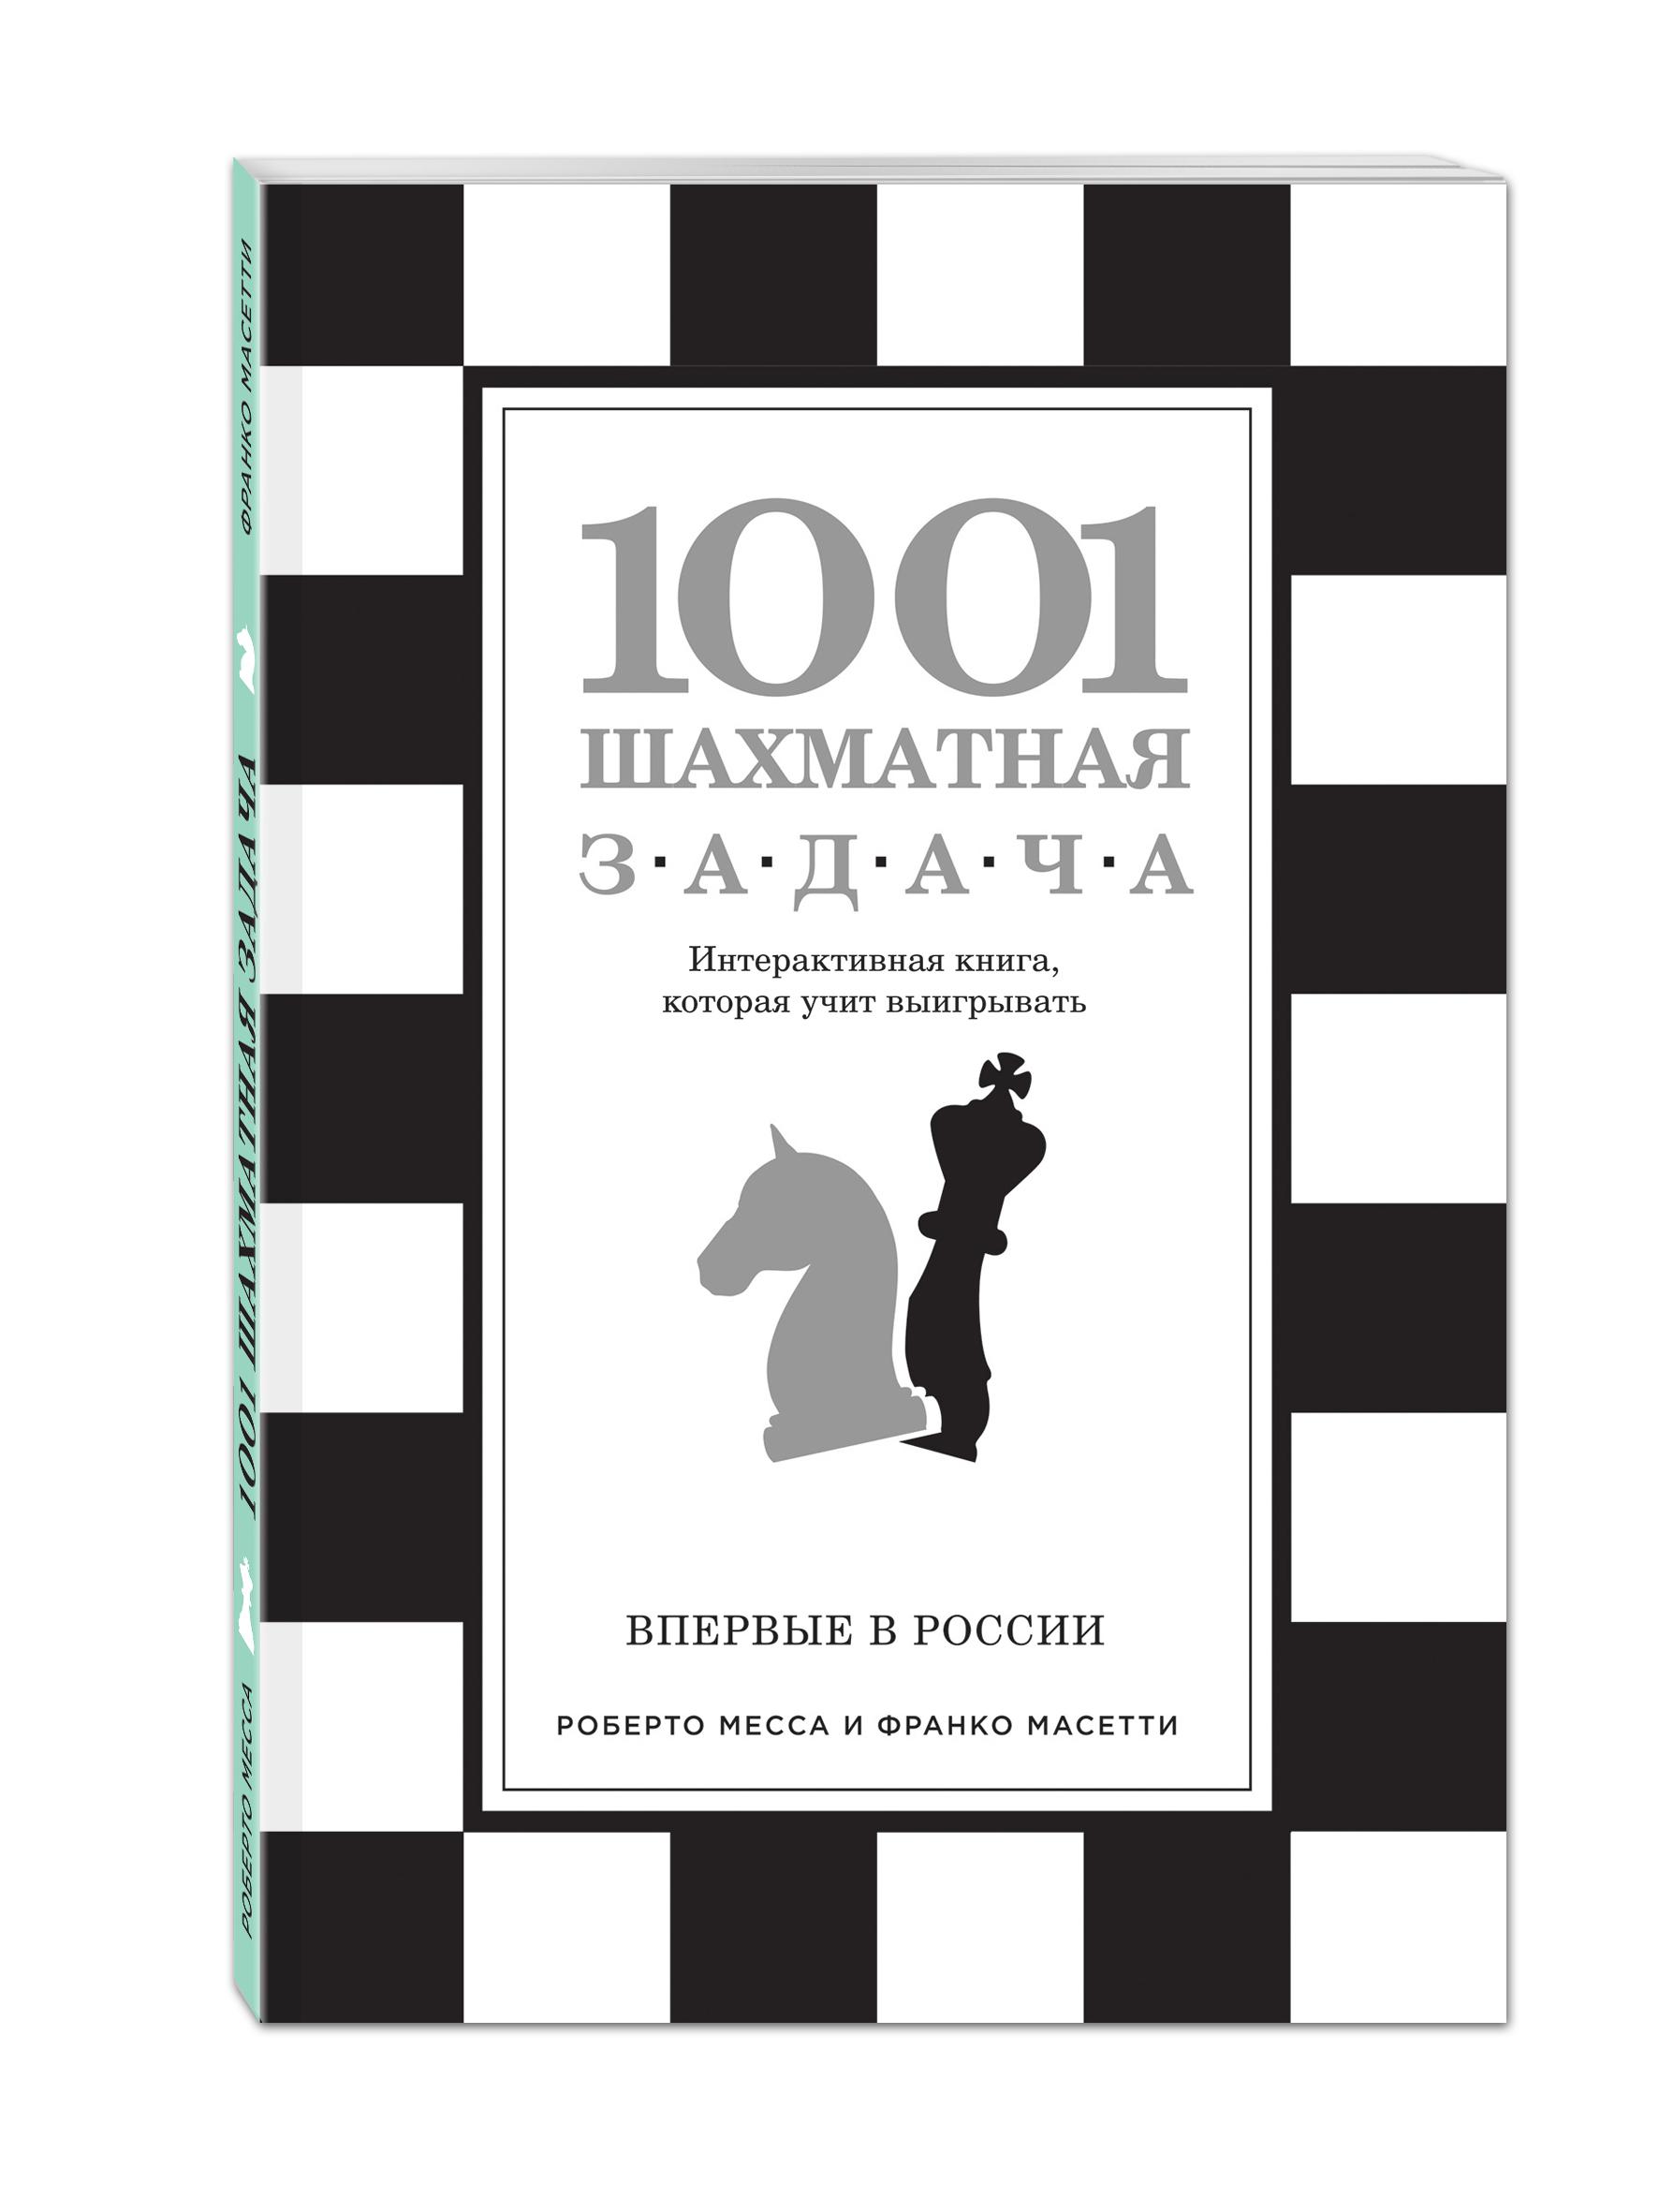 1001 шахматная задача. Интерактивная книга, которая учит выигрывать ( Месса Р., Масетти Ф.,  )